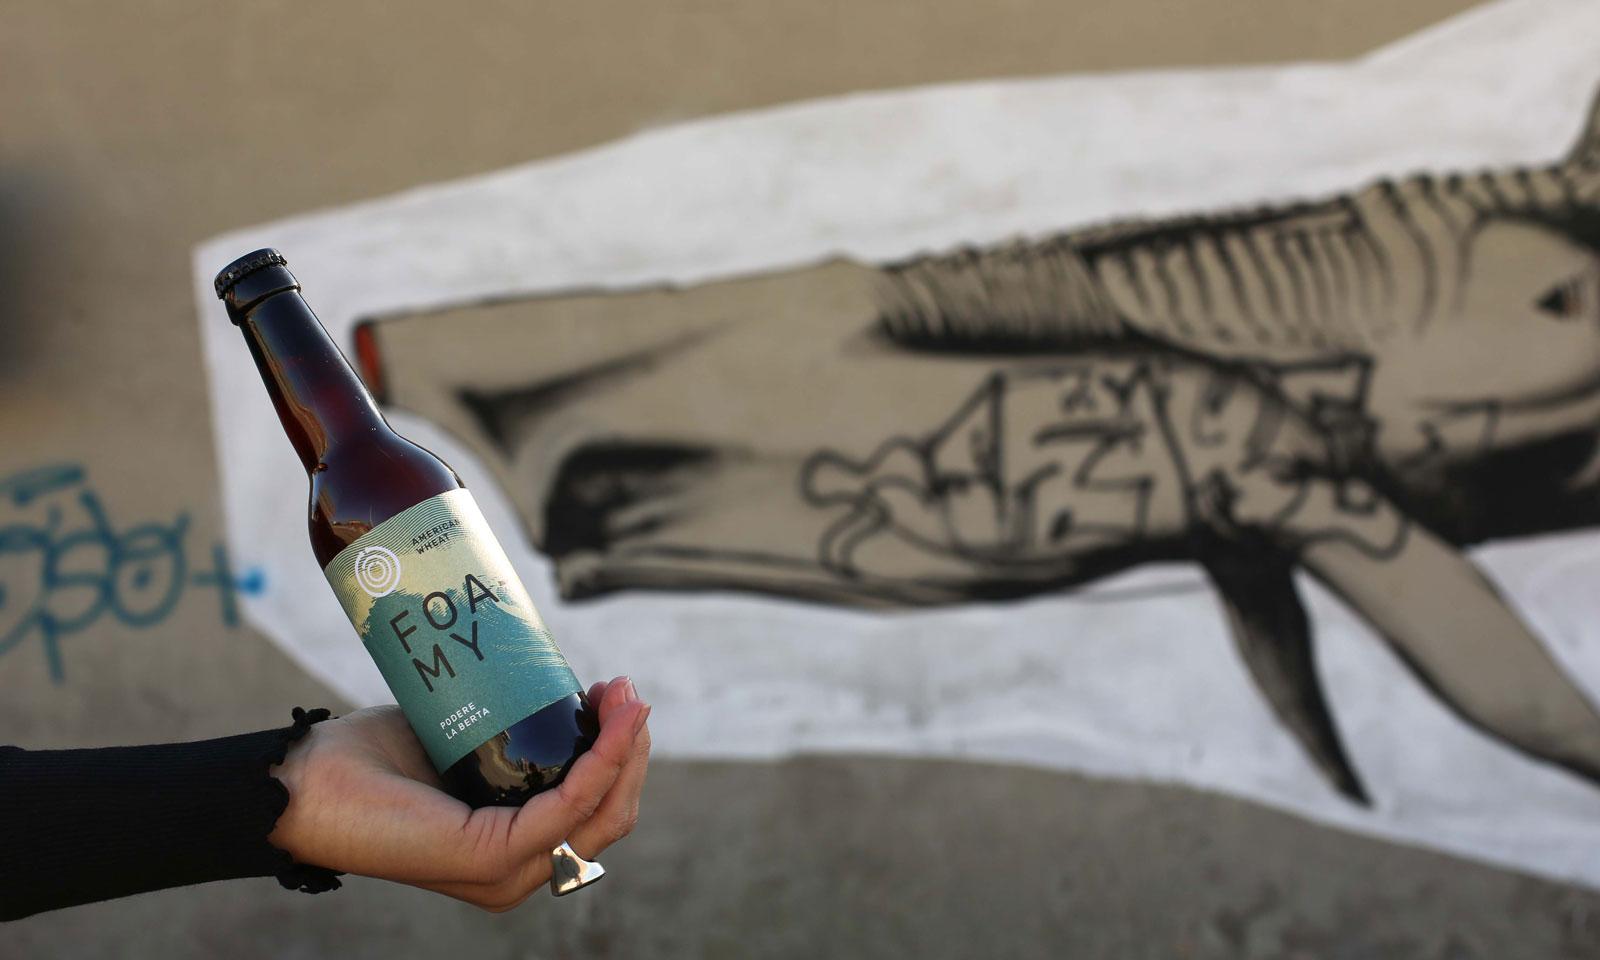 Beer & Branding: Podere La Berta